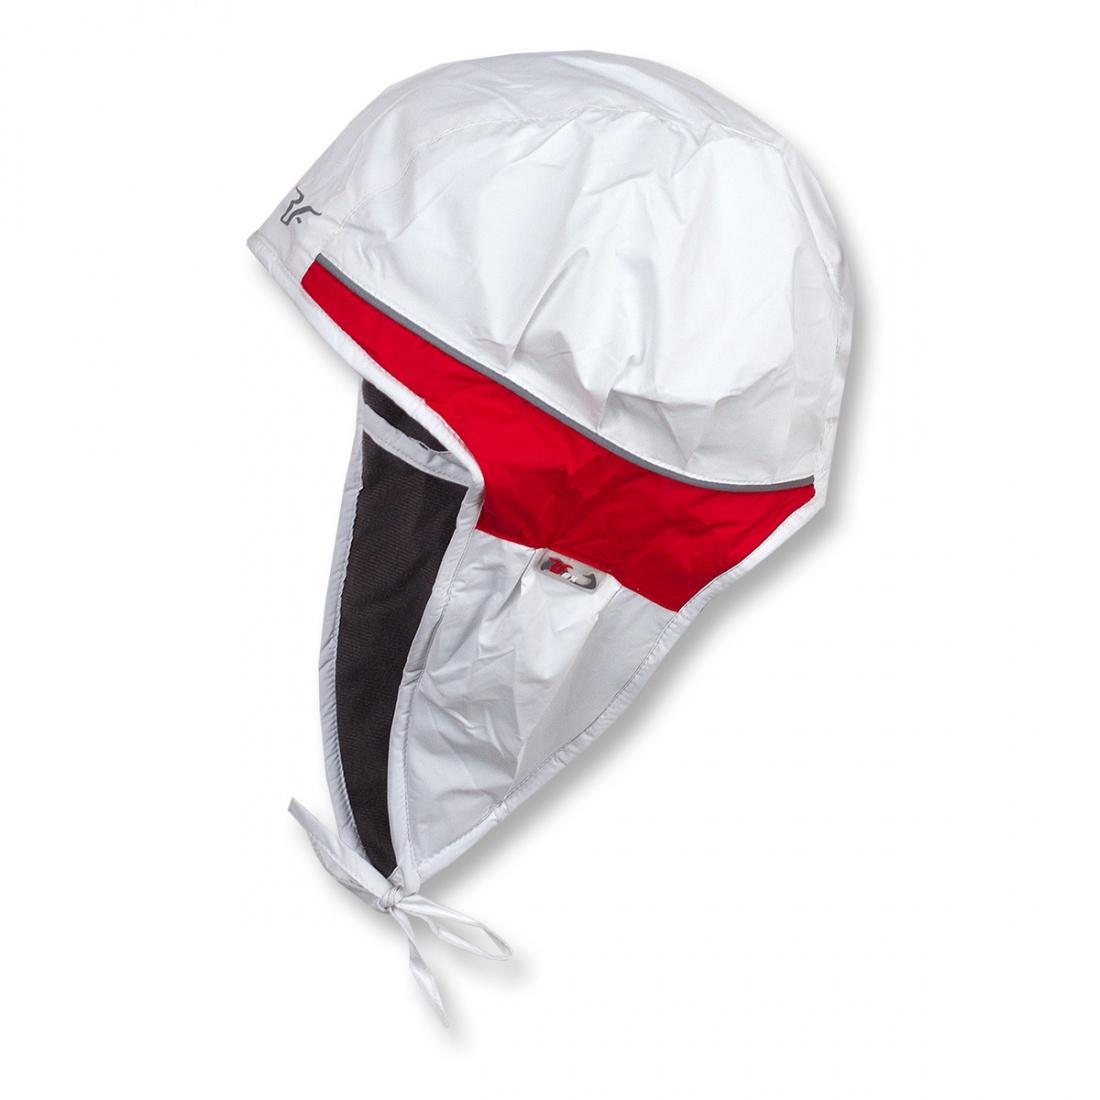 Шапка детская TressУшанки<br><br> Яркая контрастная шапочка прекрасно выделяет ребенка из толпы.<br><br> <br><br><br><br> Основной материал – Dry Factor 1000.<br><br> <br><br><br> Утеплитель – Omniterm Classic.<br><br> <br><br><br> Для детей от 1 до...<br><br>Цвет: Красный<br>Размер: M